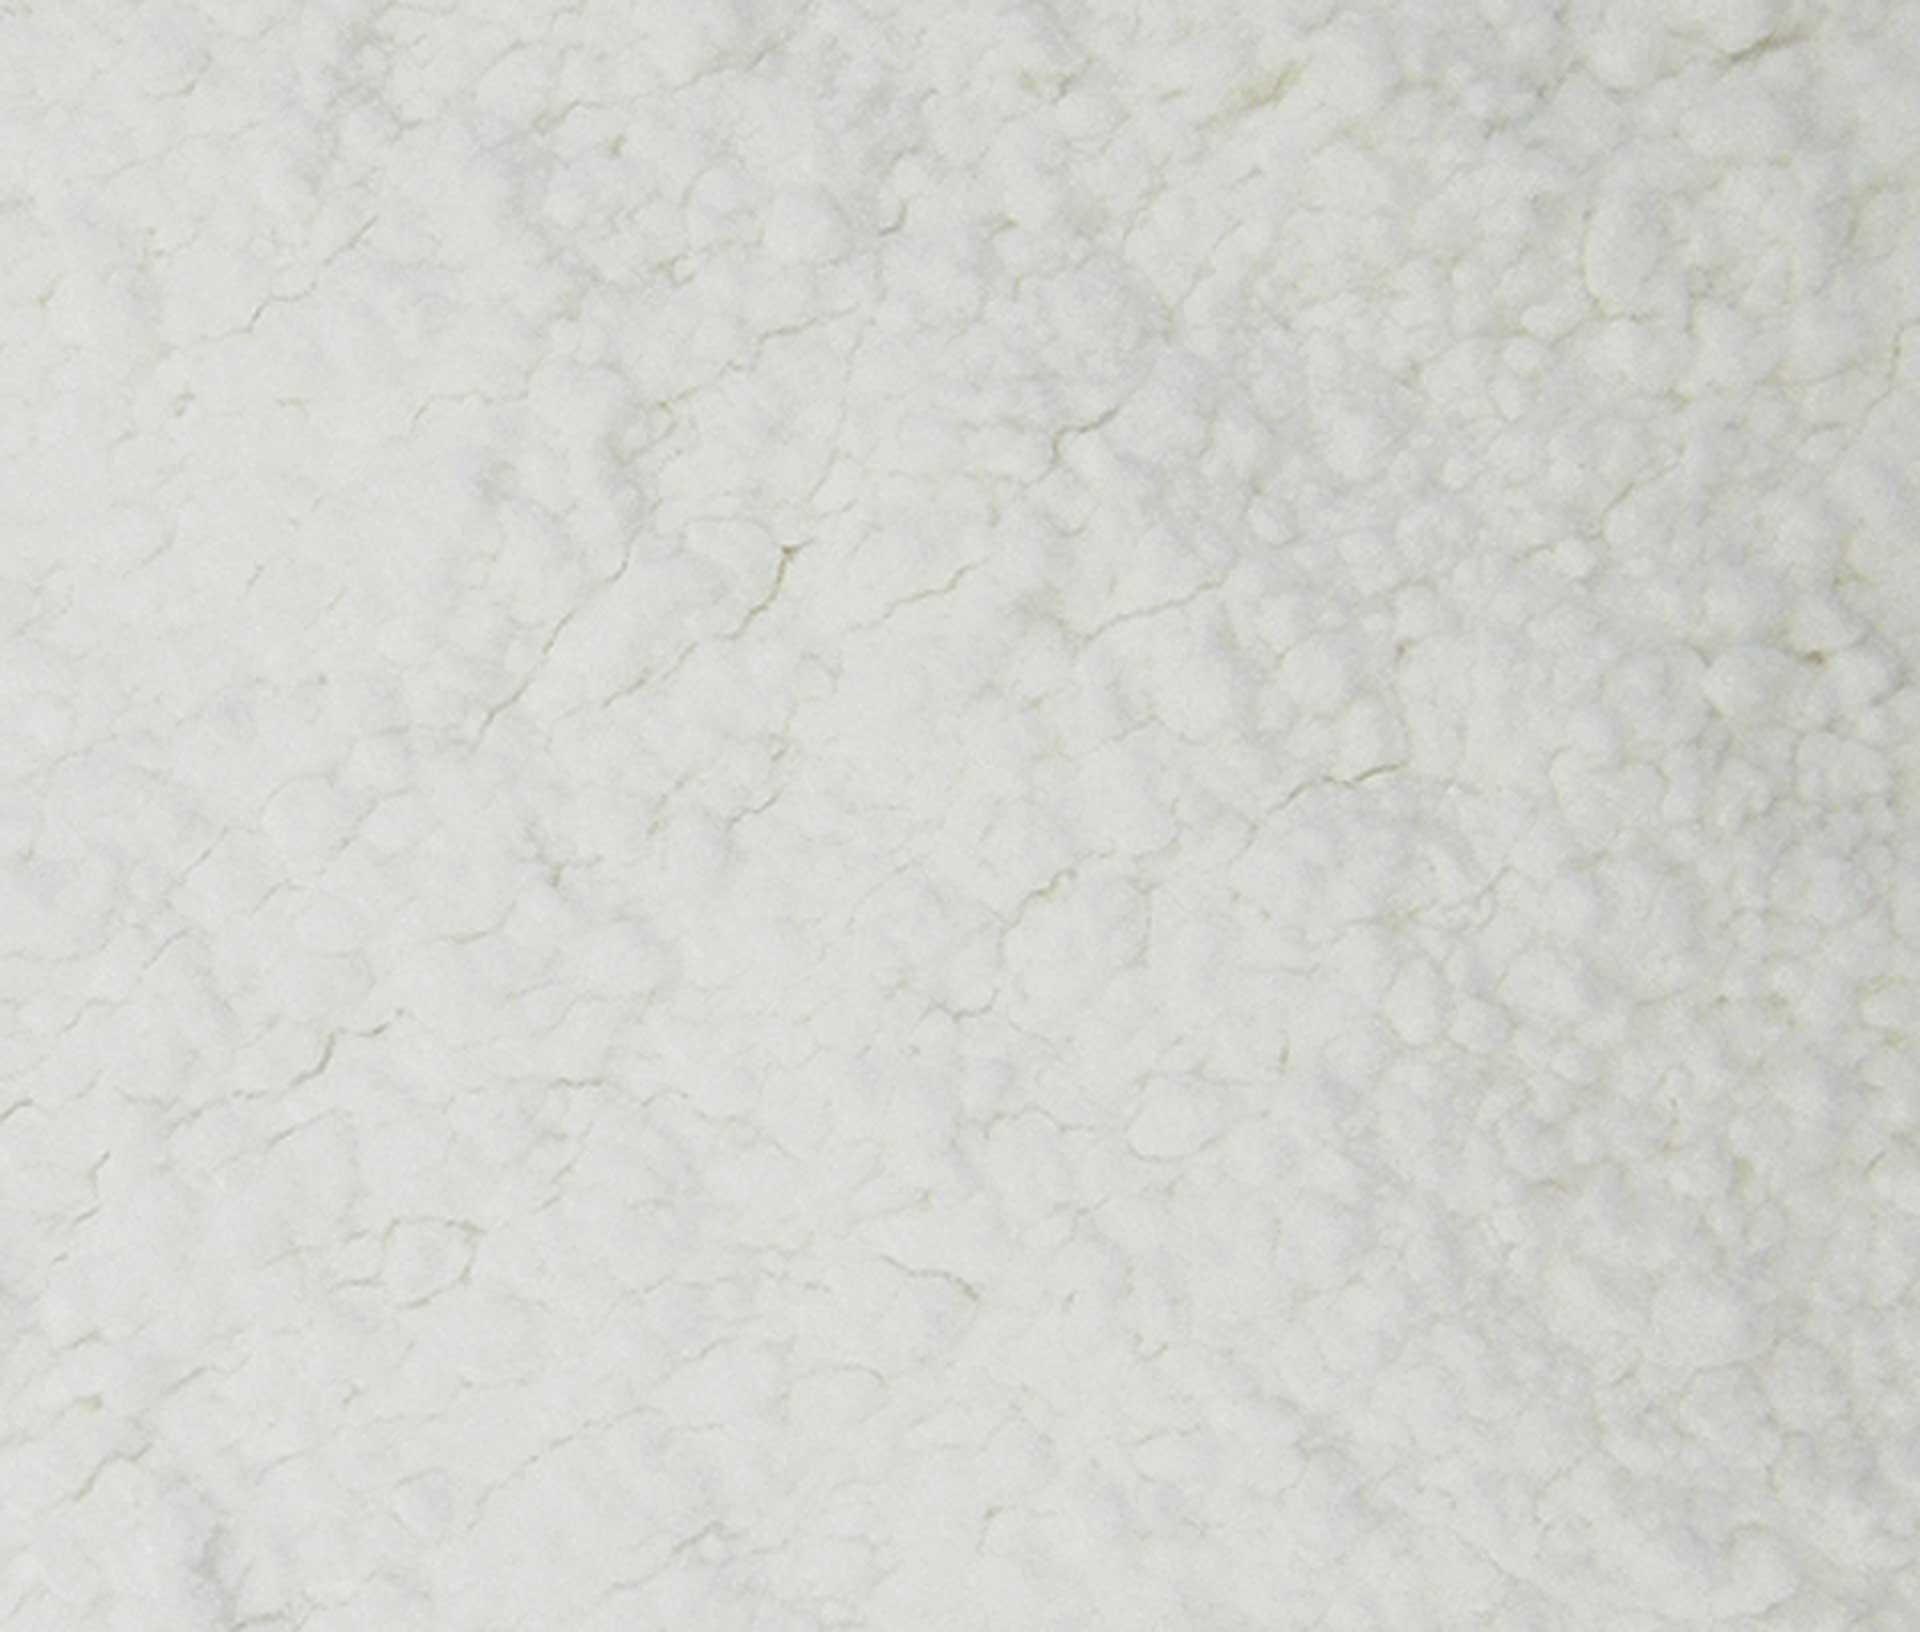 R&G Baumwollflocken, Beutel/ 500 g